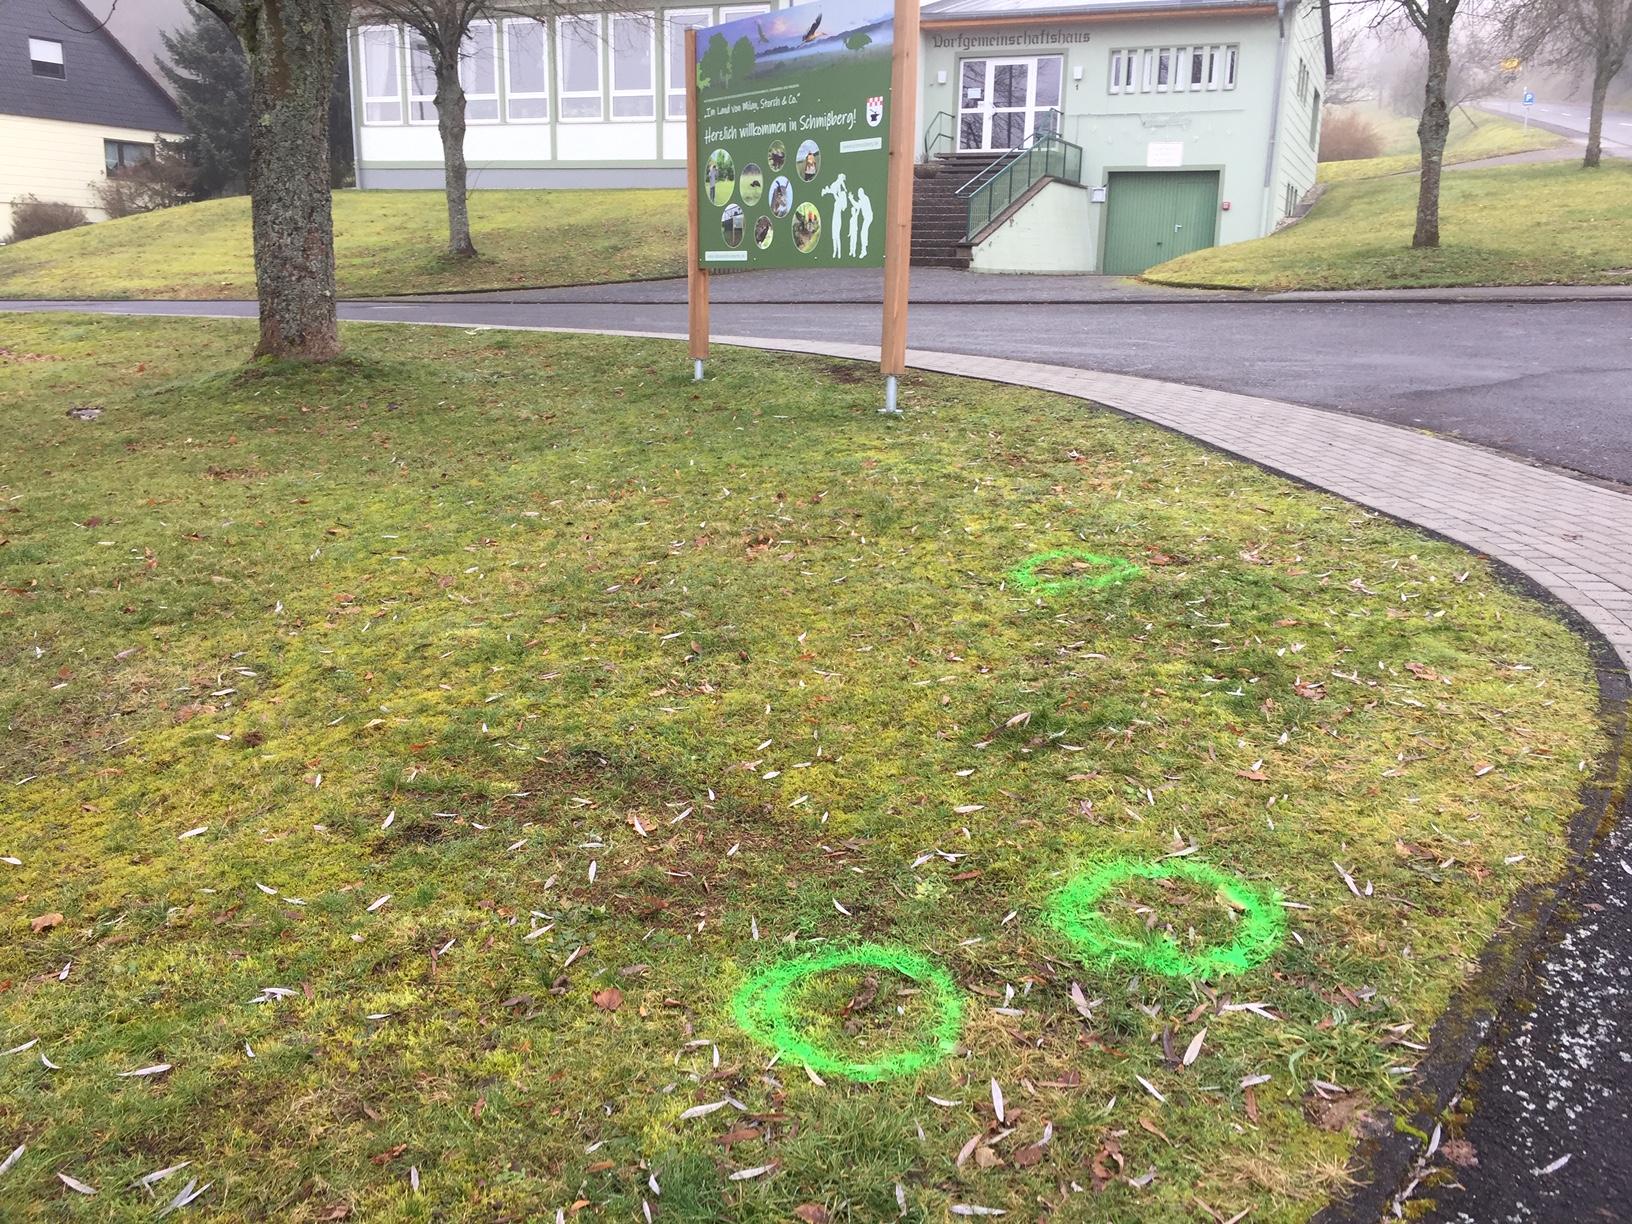 Die Hundescheiße in der Grünanlage